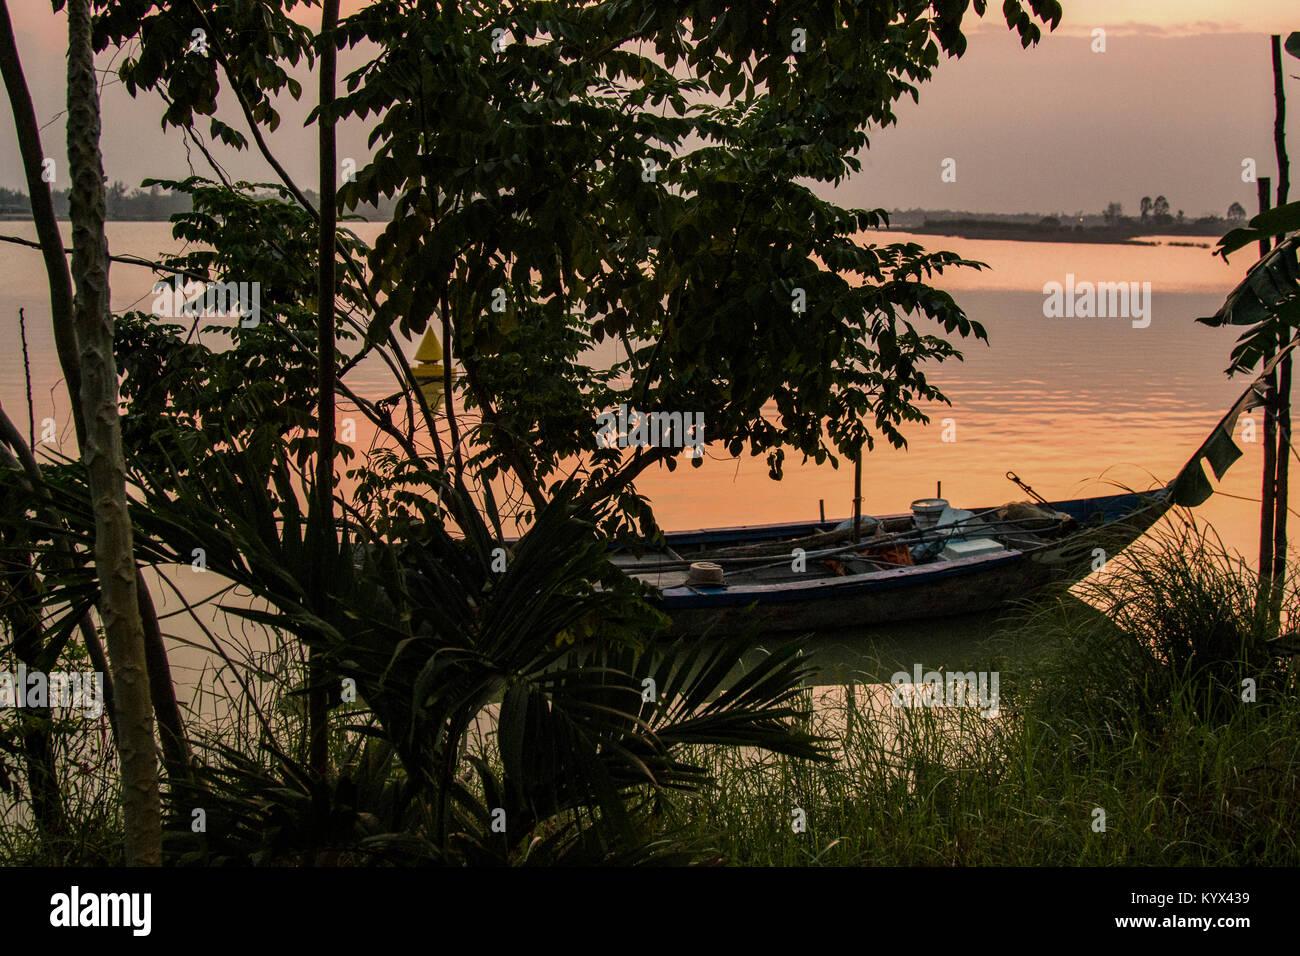 Bateau sur la rivière Thu Bon - Rivière Thu Bon commence à une altitude de 2 500 mètres dans Photo Stock